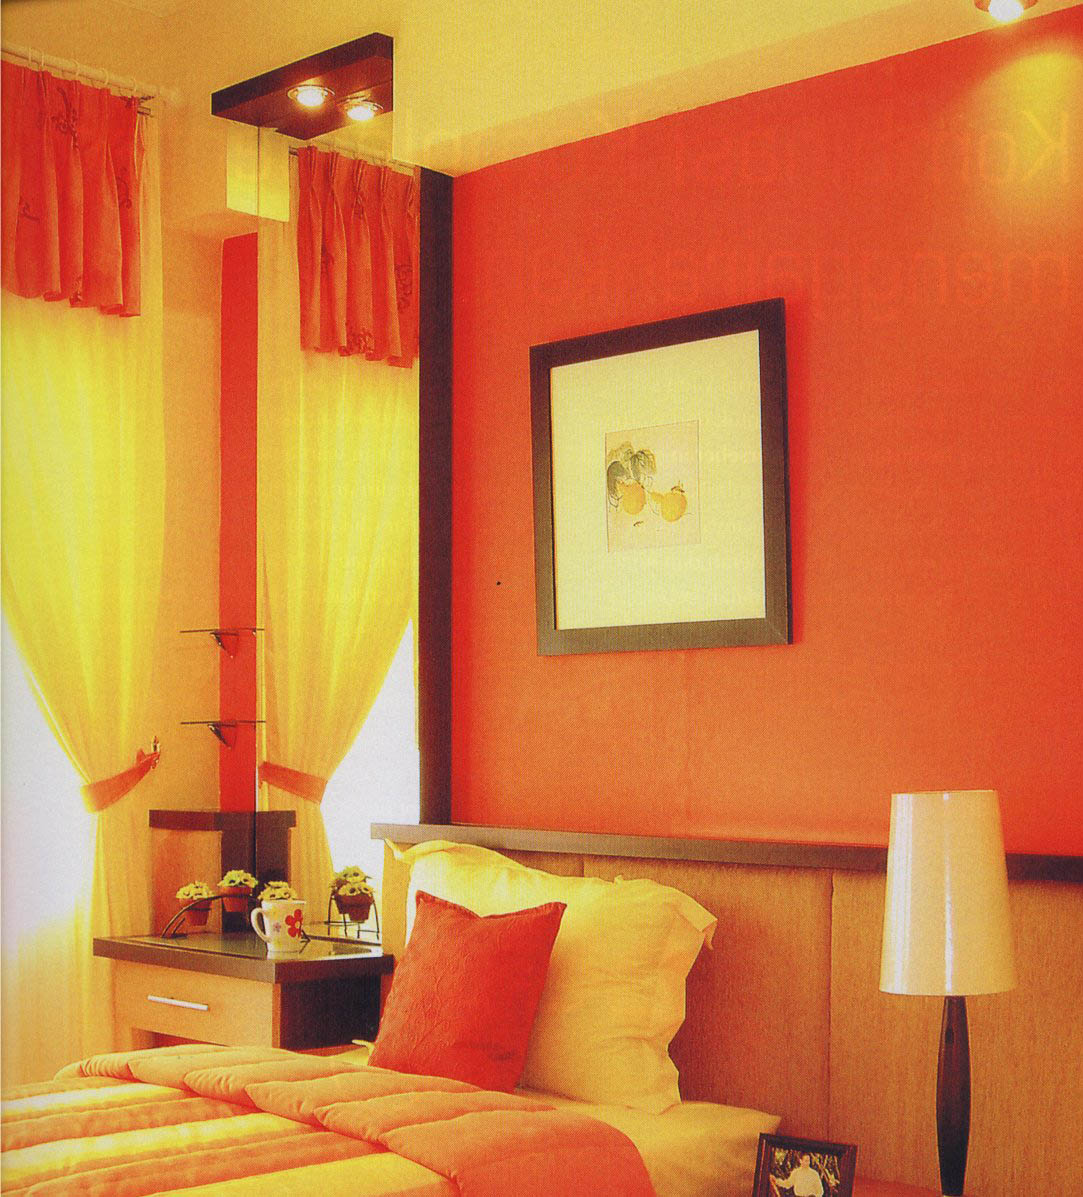 1083x1197px 8 Unique Interior Design Paint Ideas Home Picture in Interior Design